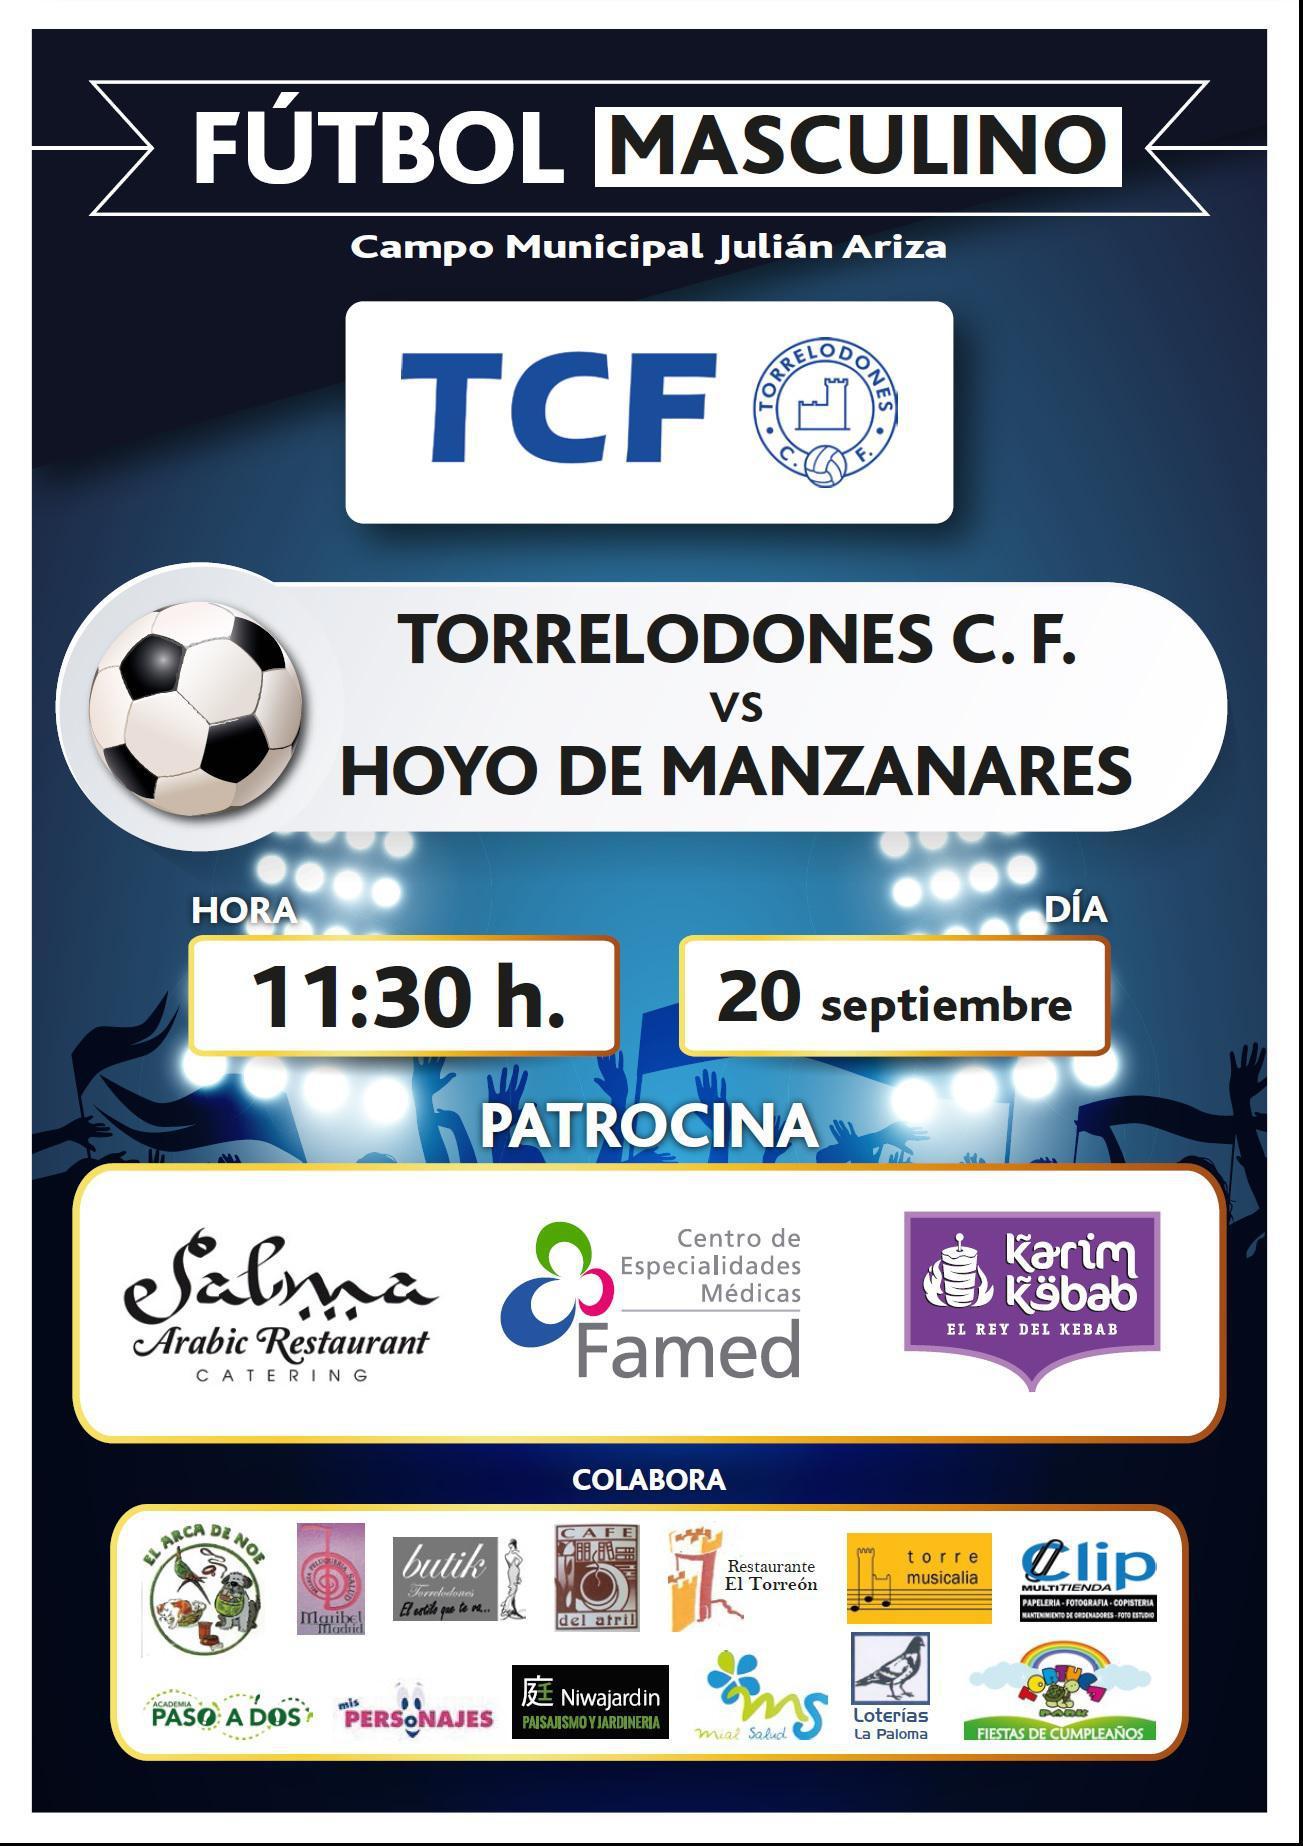 Este domingo, Torrelodones CF vs. Hoyo de Manzanares